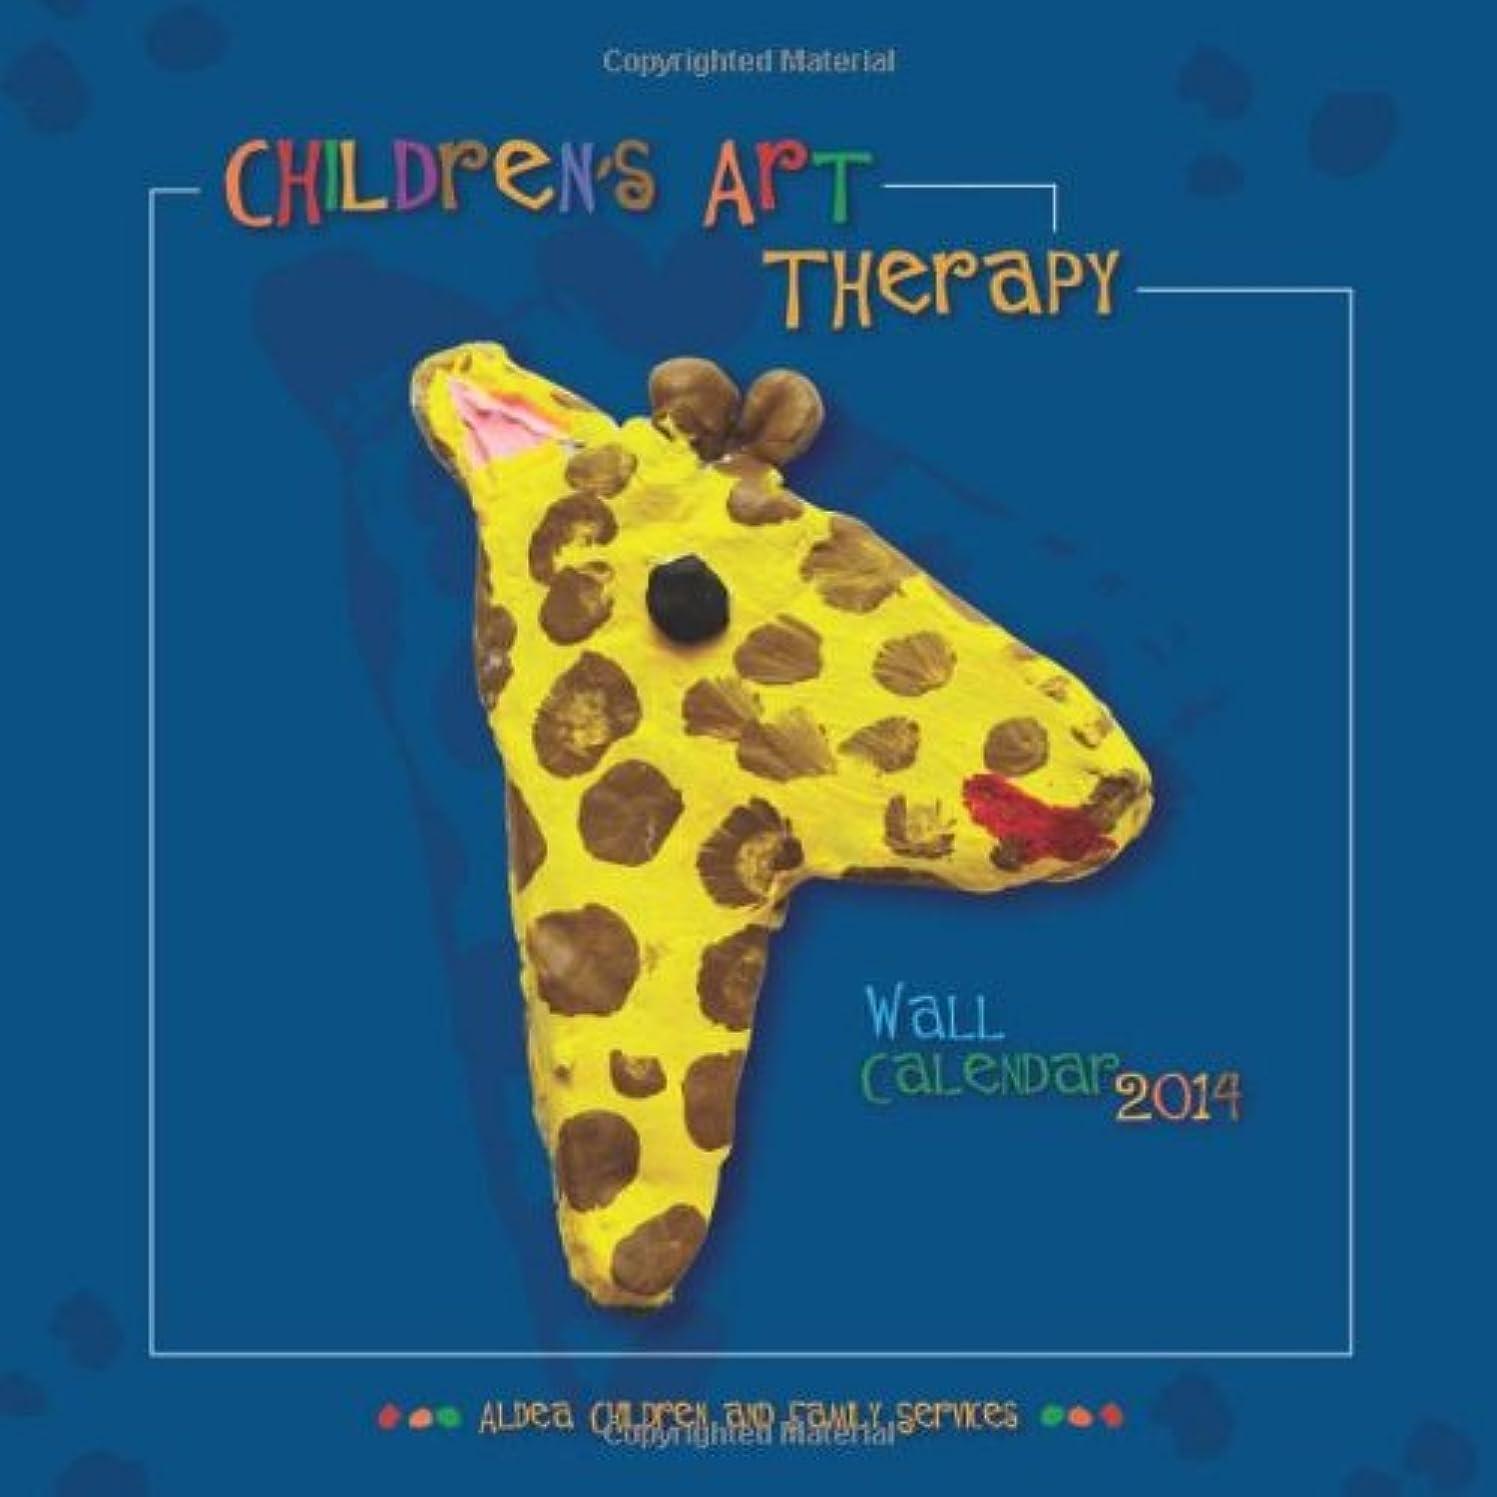 時計回り釈義圧縮するChildren's Art Therapy 2014 Wall Calendar